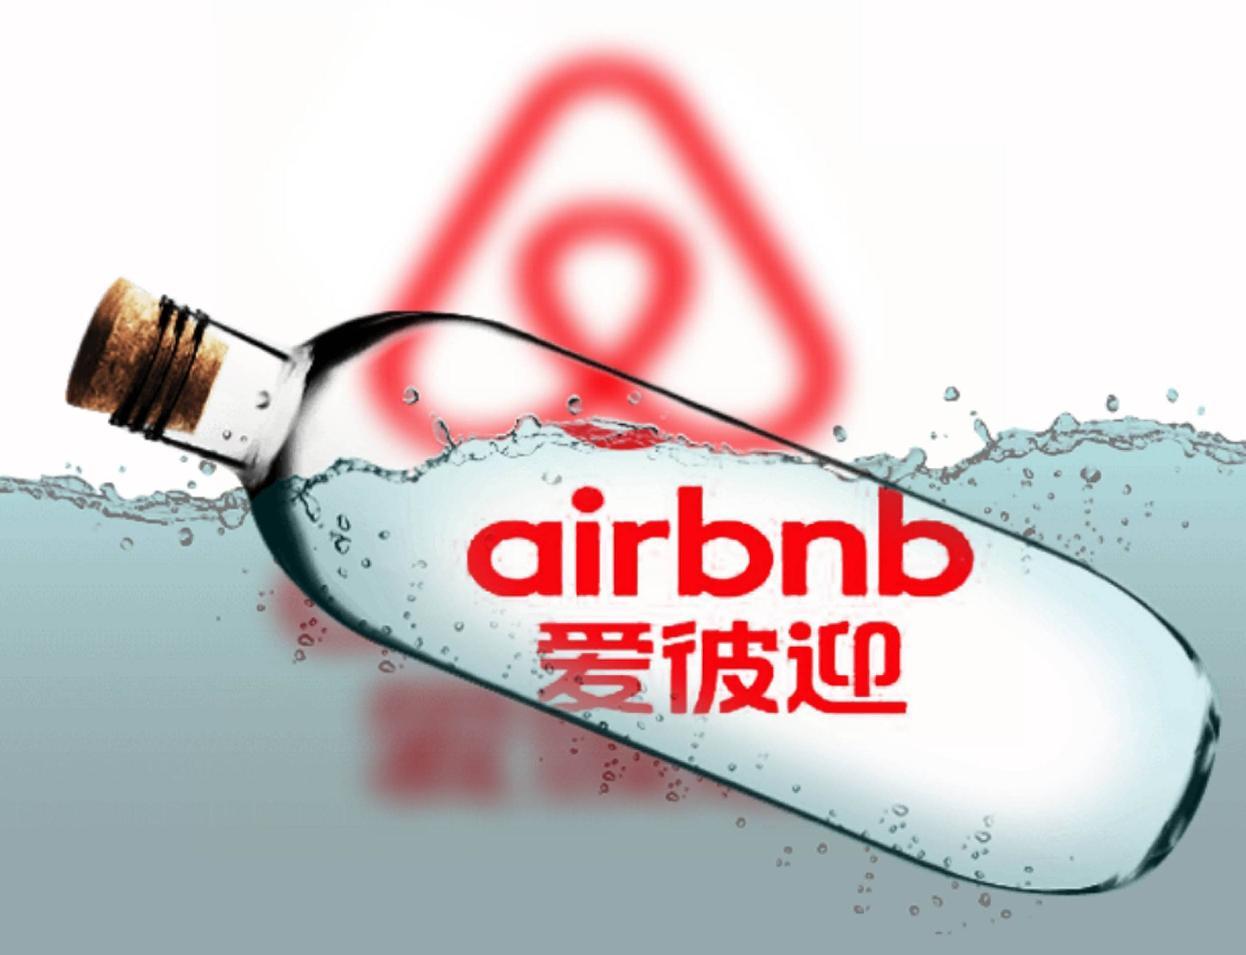 """Airbnb正式申请上市,但它真的熬过""""凛冬""""了吗?"""